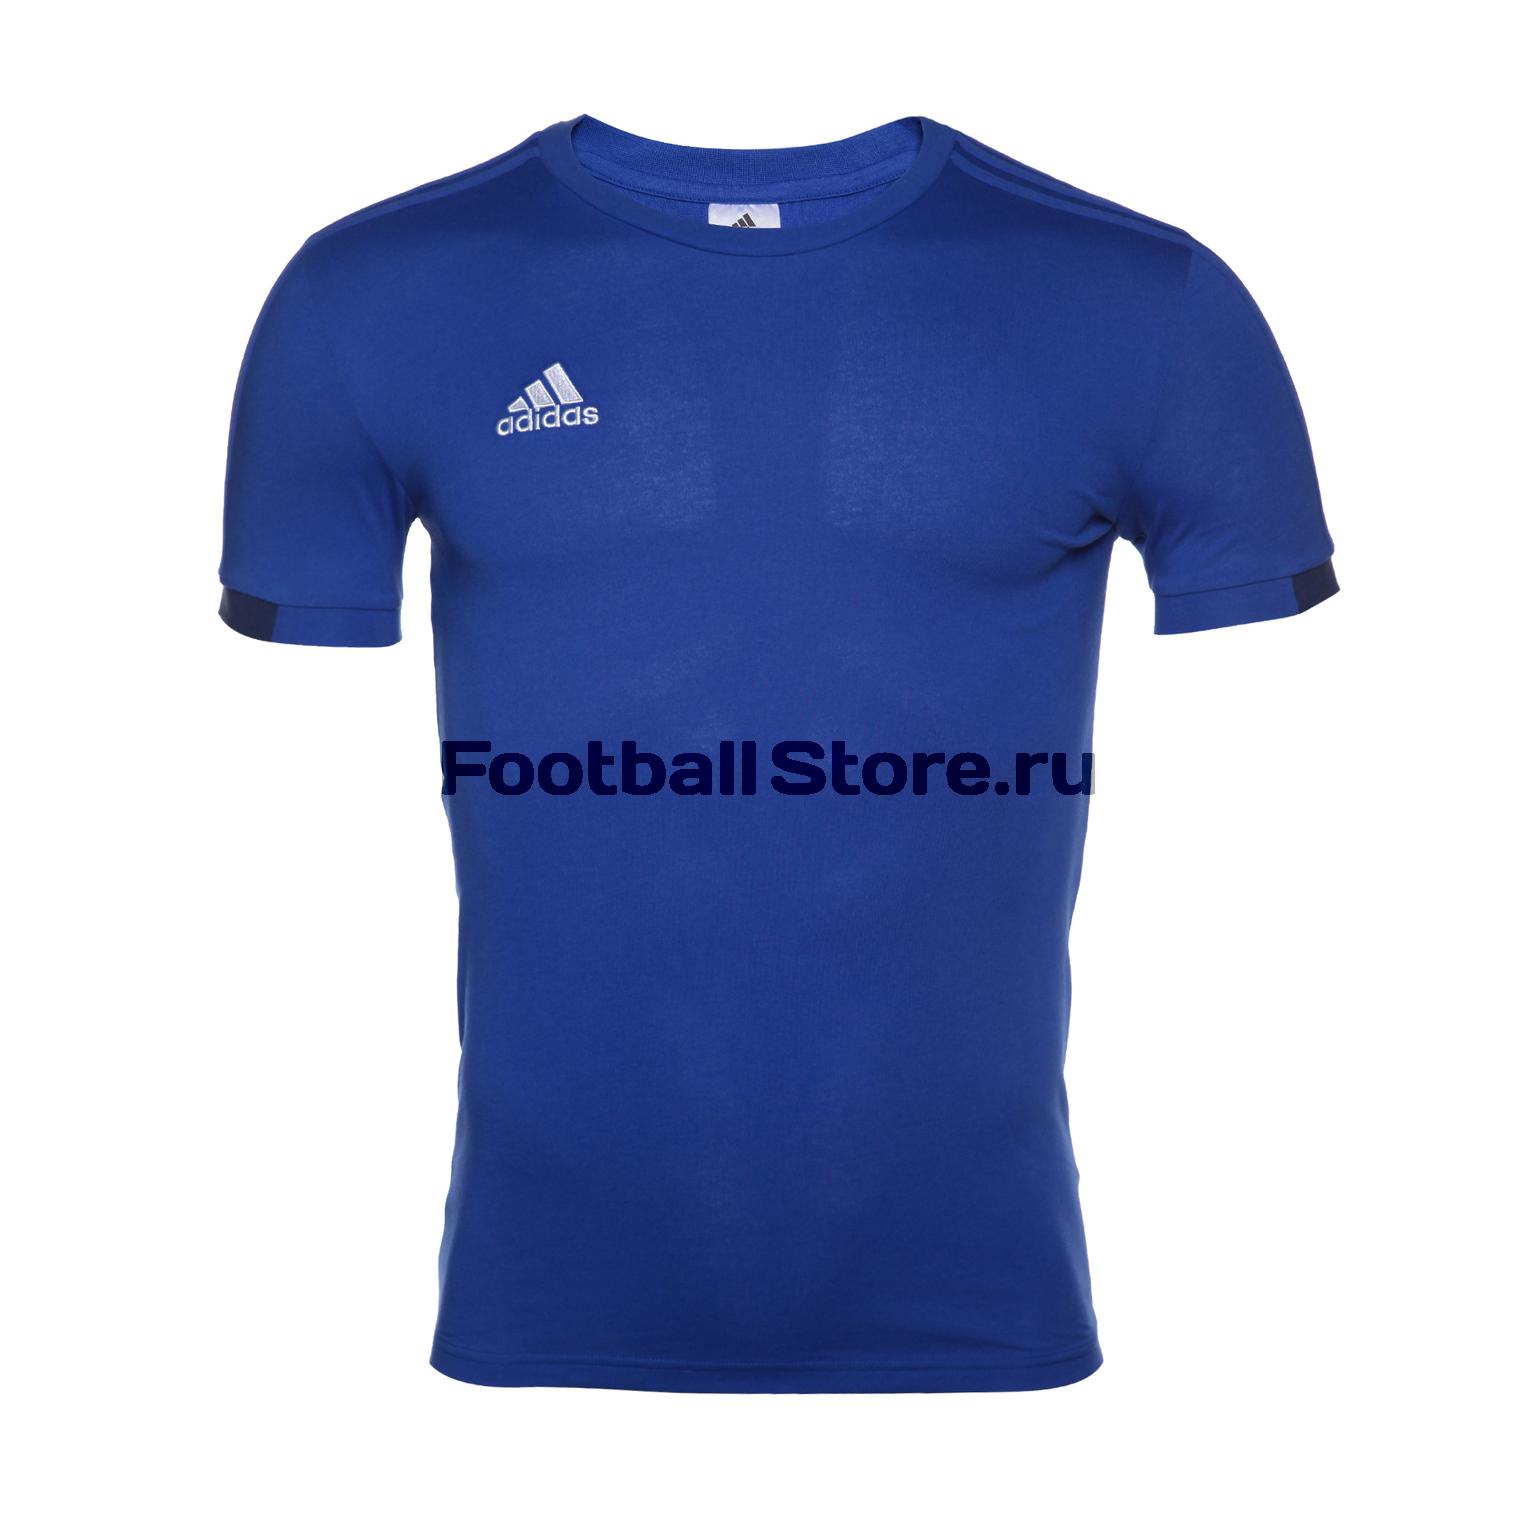 Футболка хлопковая Adidas Con18 Tee CF4365 все цены